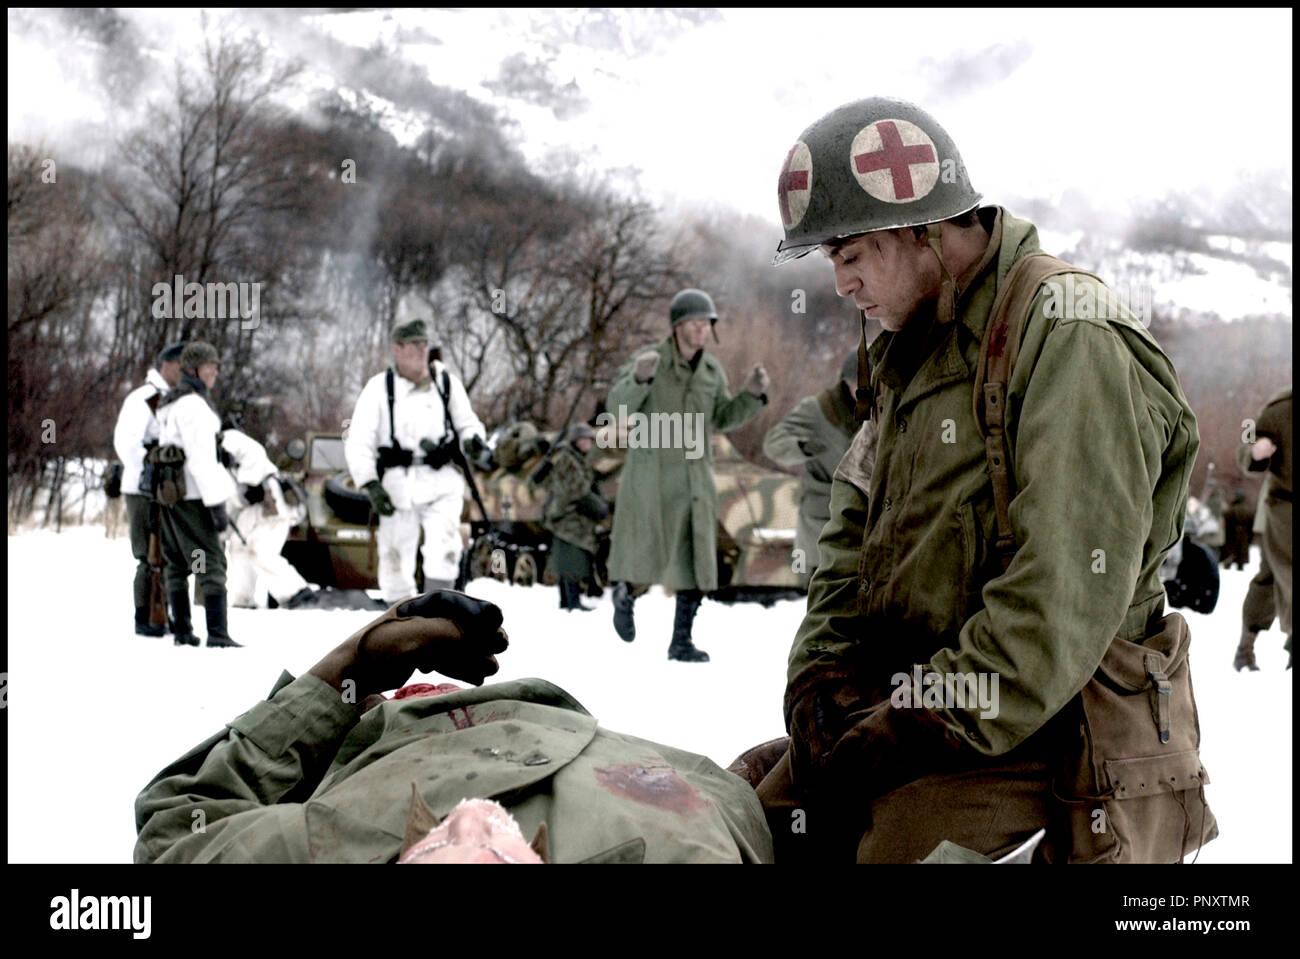 Prod DB © Go Films LLC / DR SAINTS AND SOLDIERS (SAINTS AND SOLDIERS) de Ryan Little 2003 USA avec Alex Niver guerre, militaire, casque, fusil, bataille, neige, froid, soigner, blesse, infirmier, premiers secours, premiers soins autres titres: The Saints of War (working title) - Stock Image